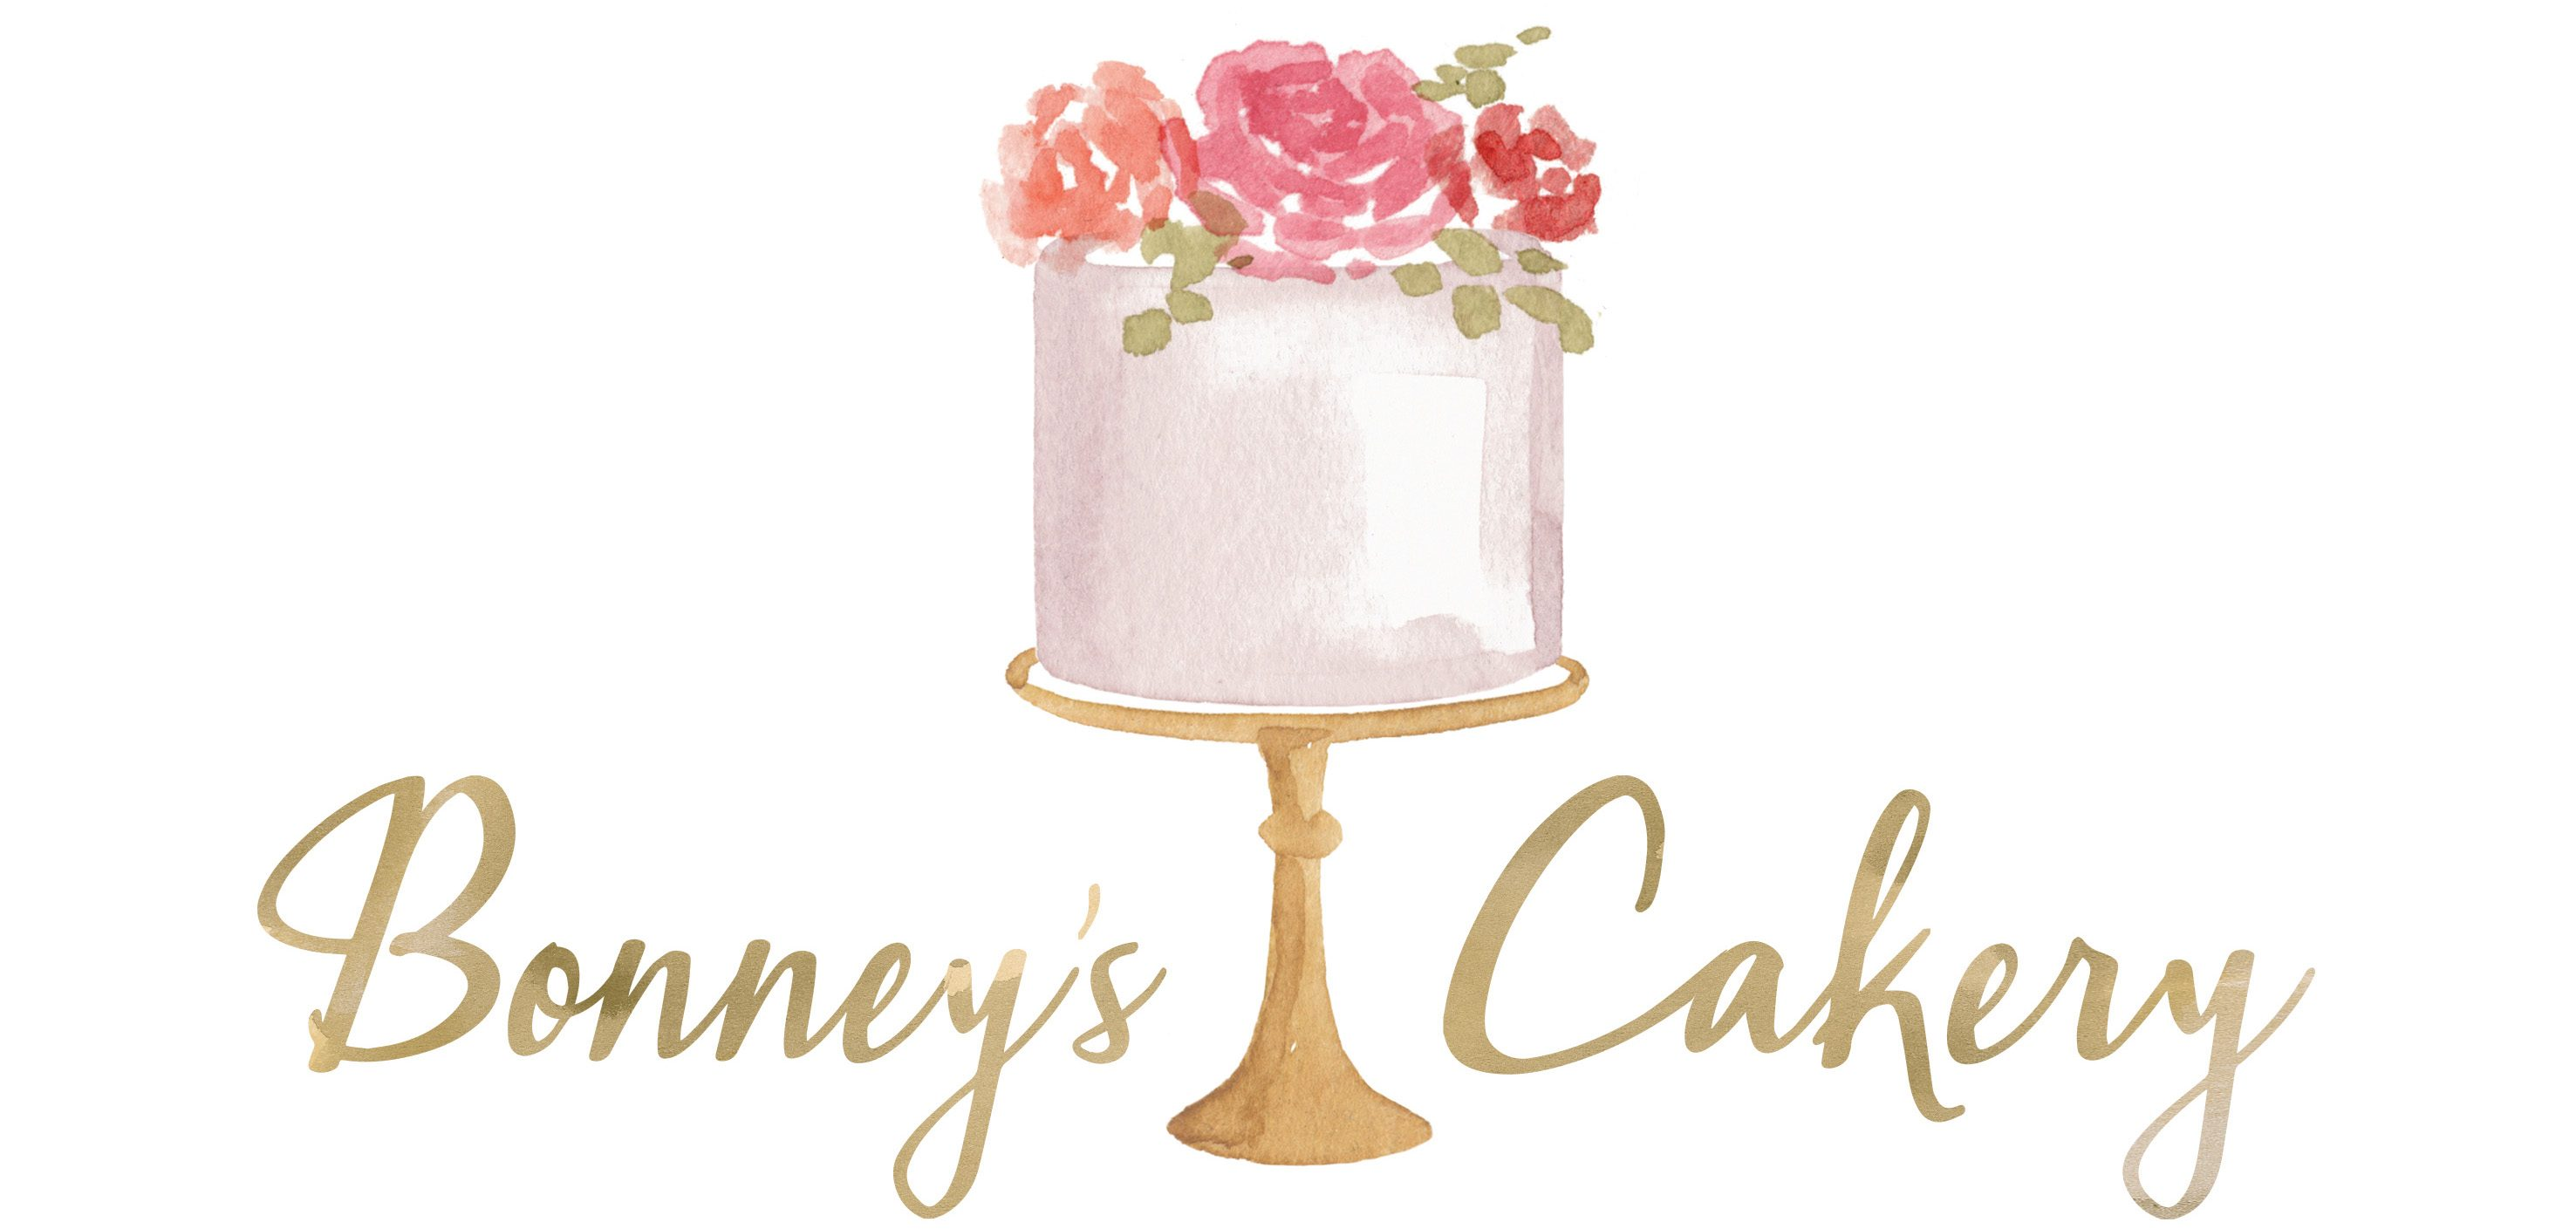 Bonney's Cakery